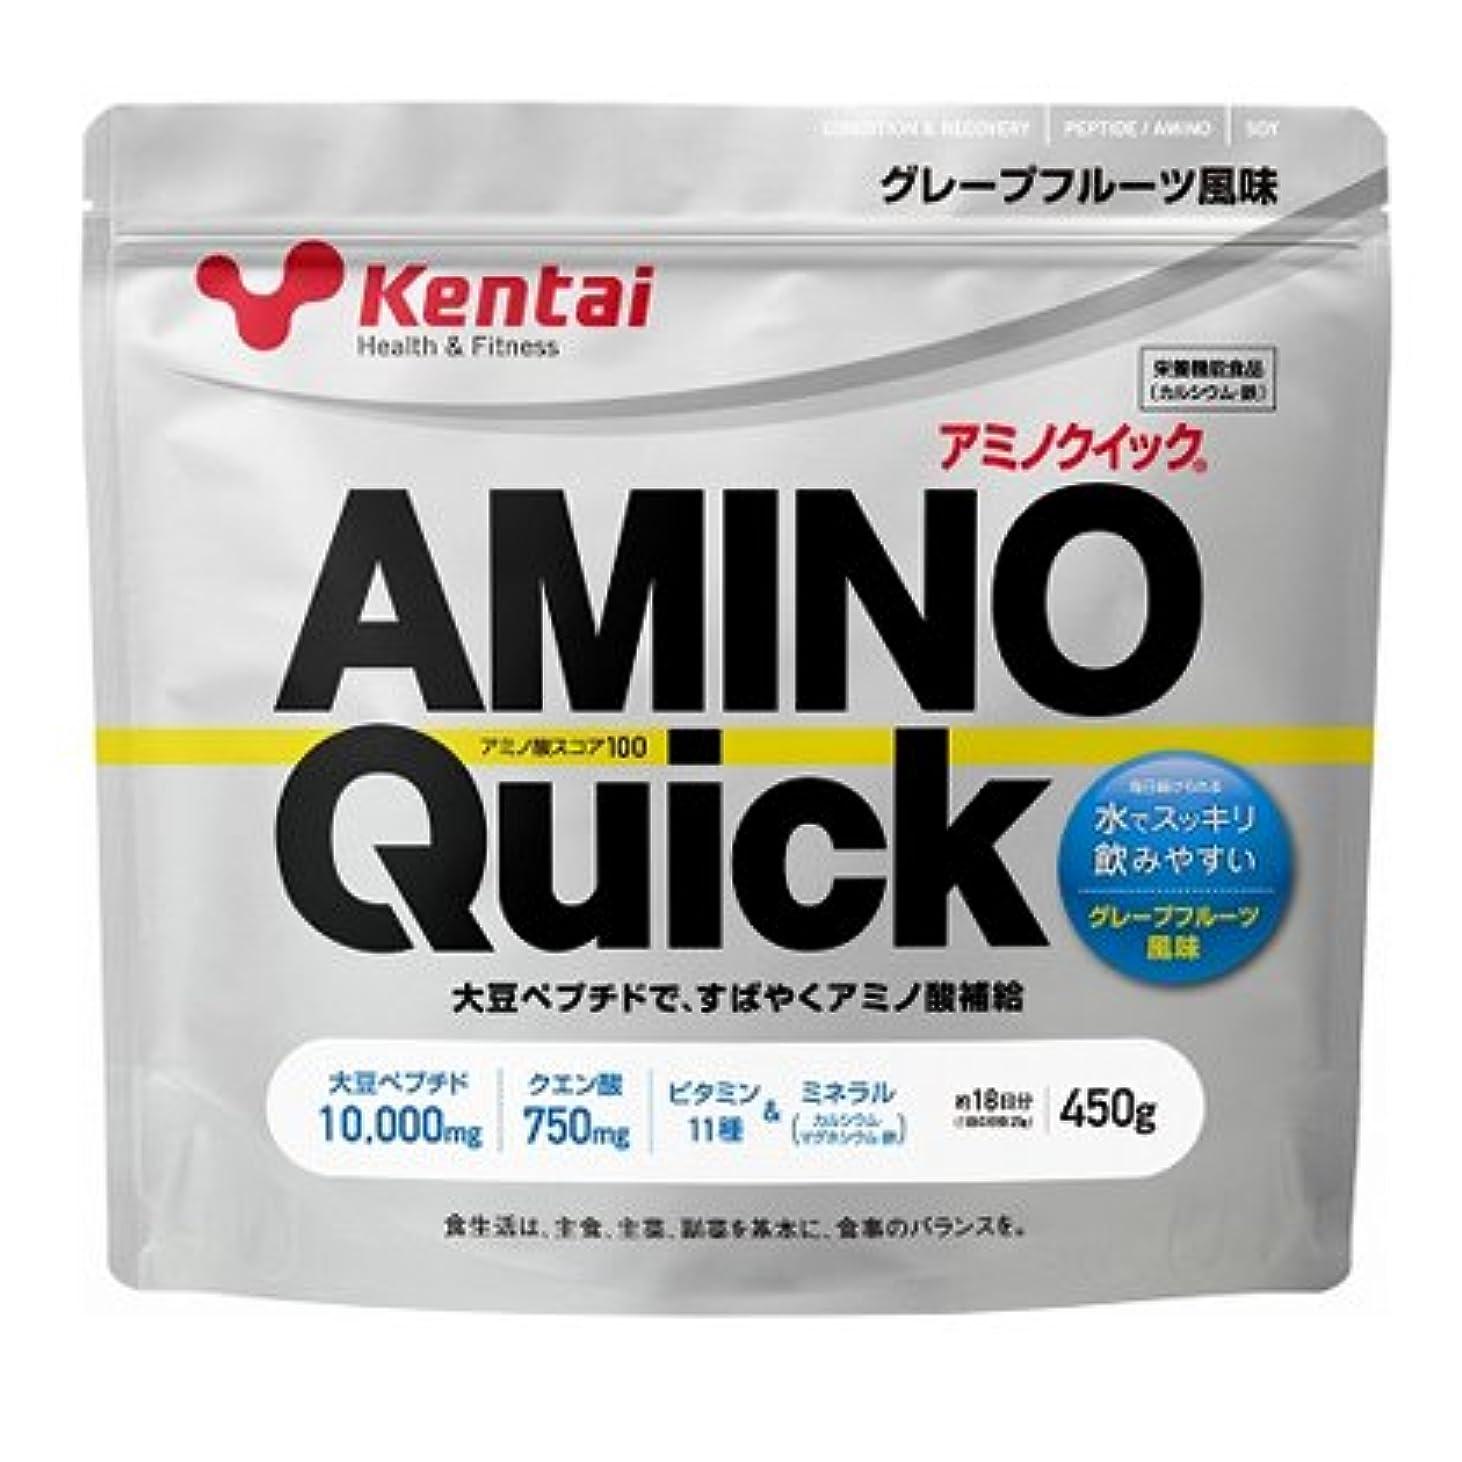 新鮮な誇りメトリック【健康体力研究所 (Kentai)】 アミノクイック450g